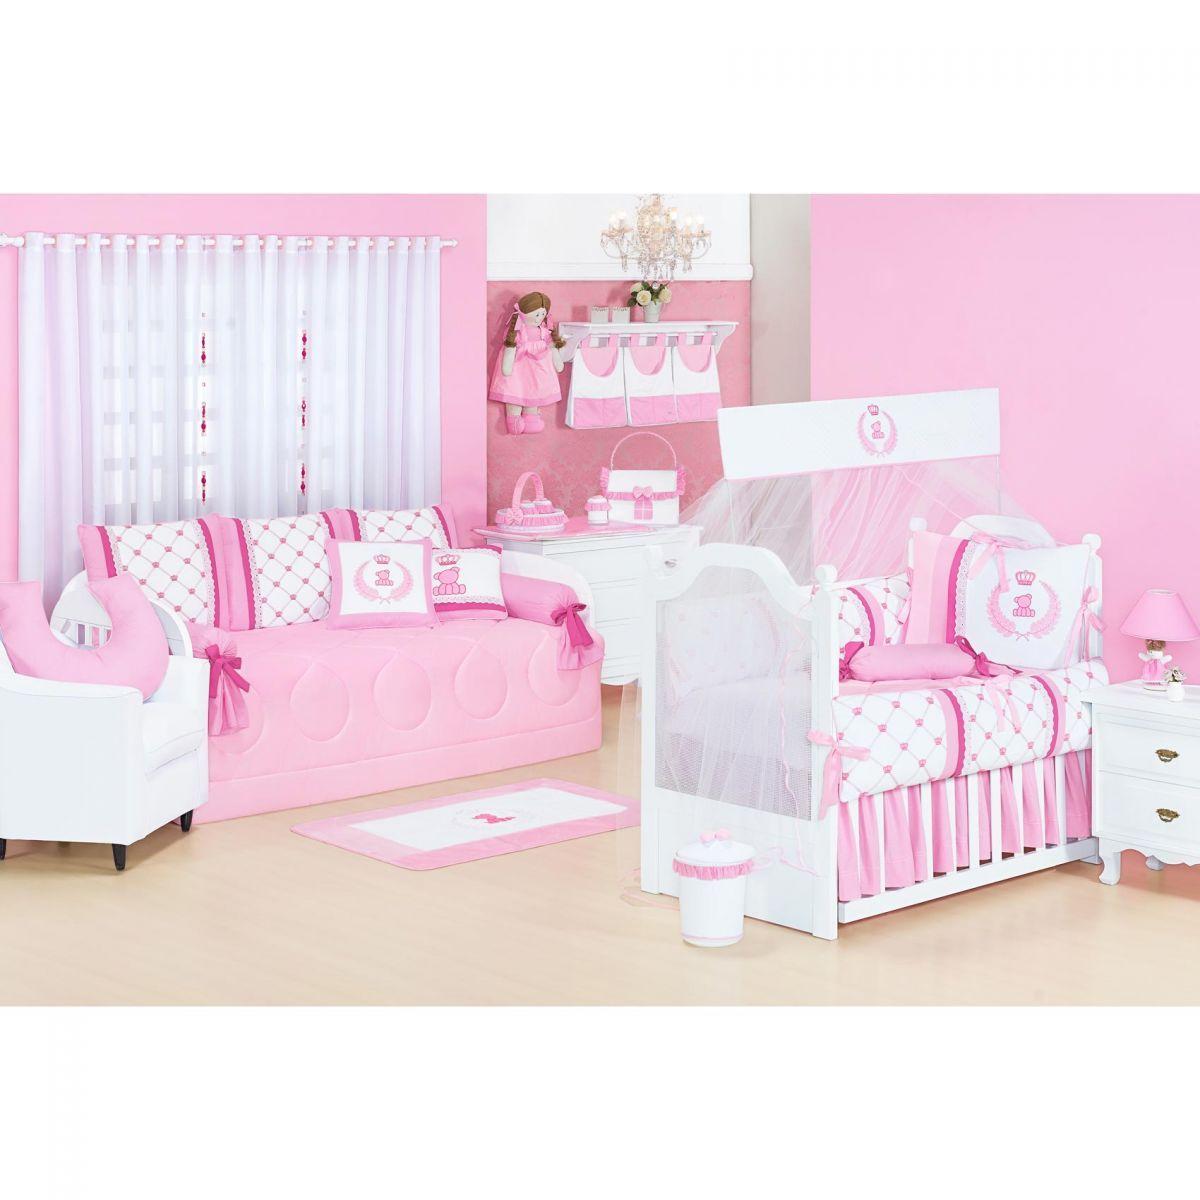 Apoio para Amamentar Bebê - Coleção Classic Rosa